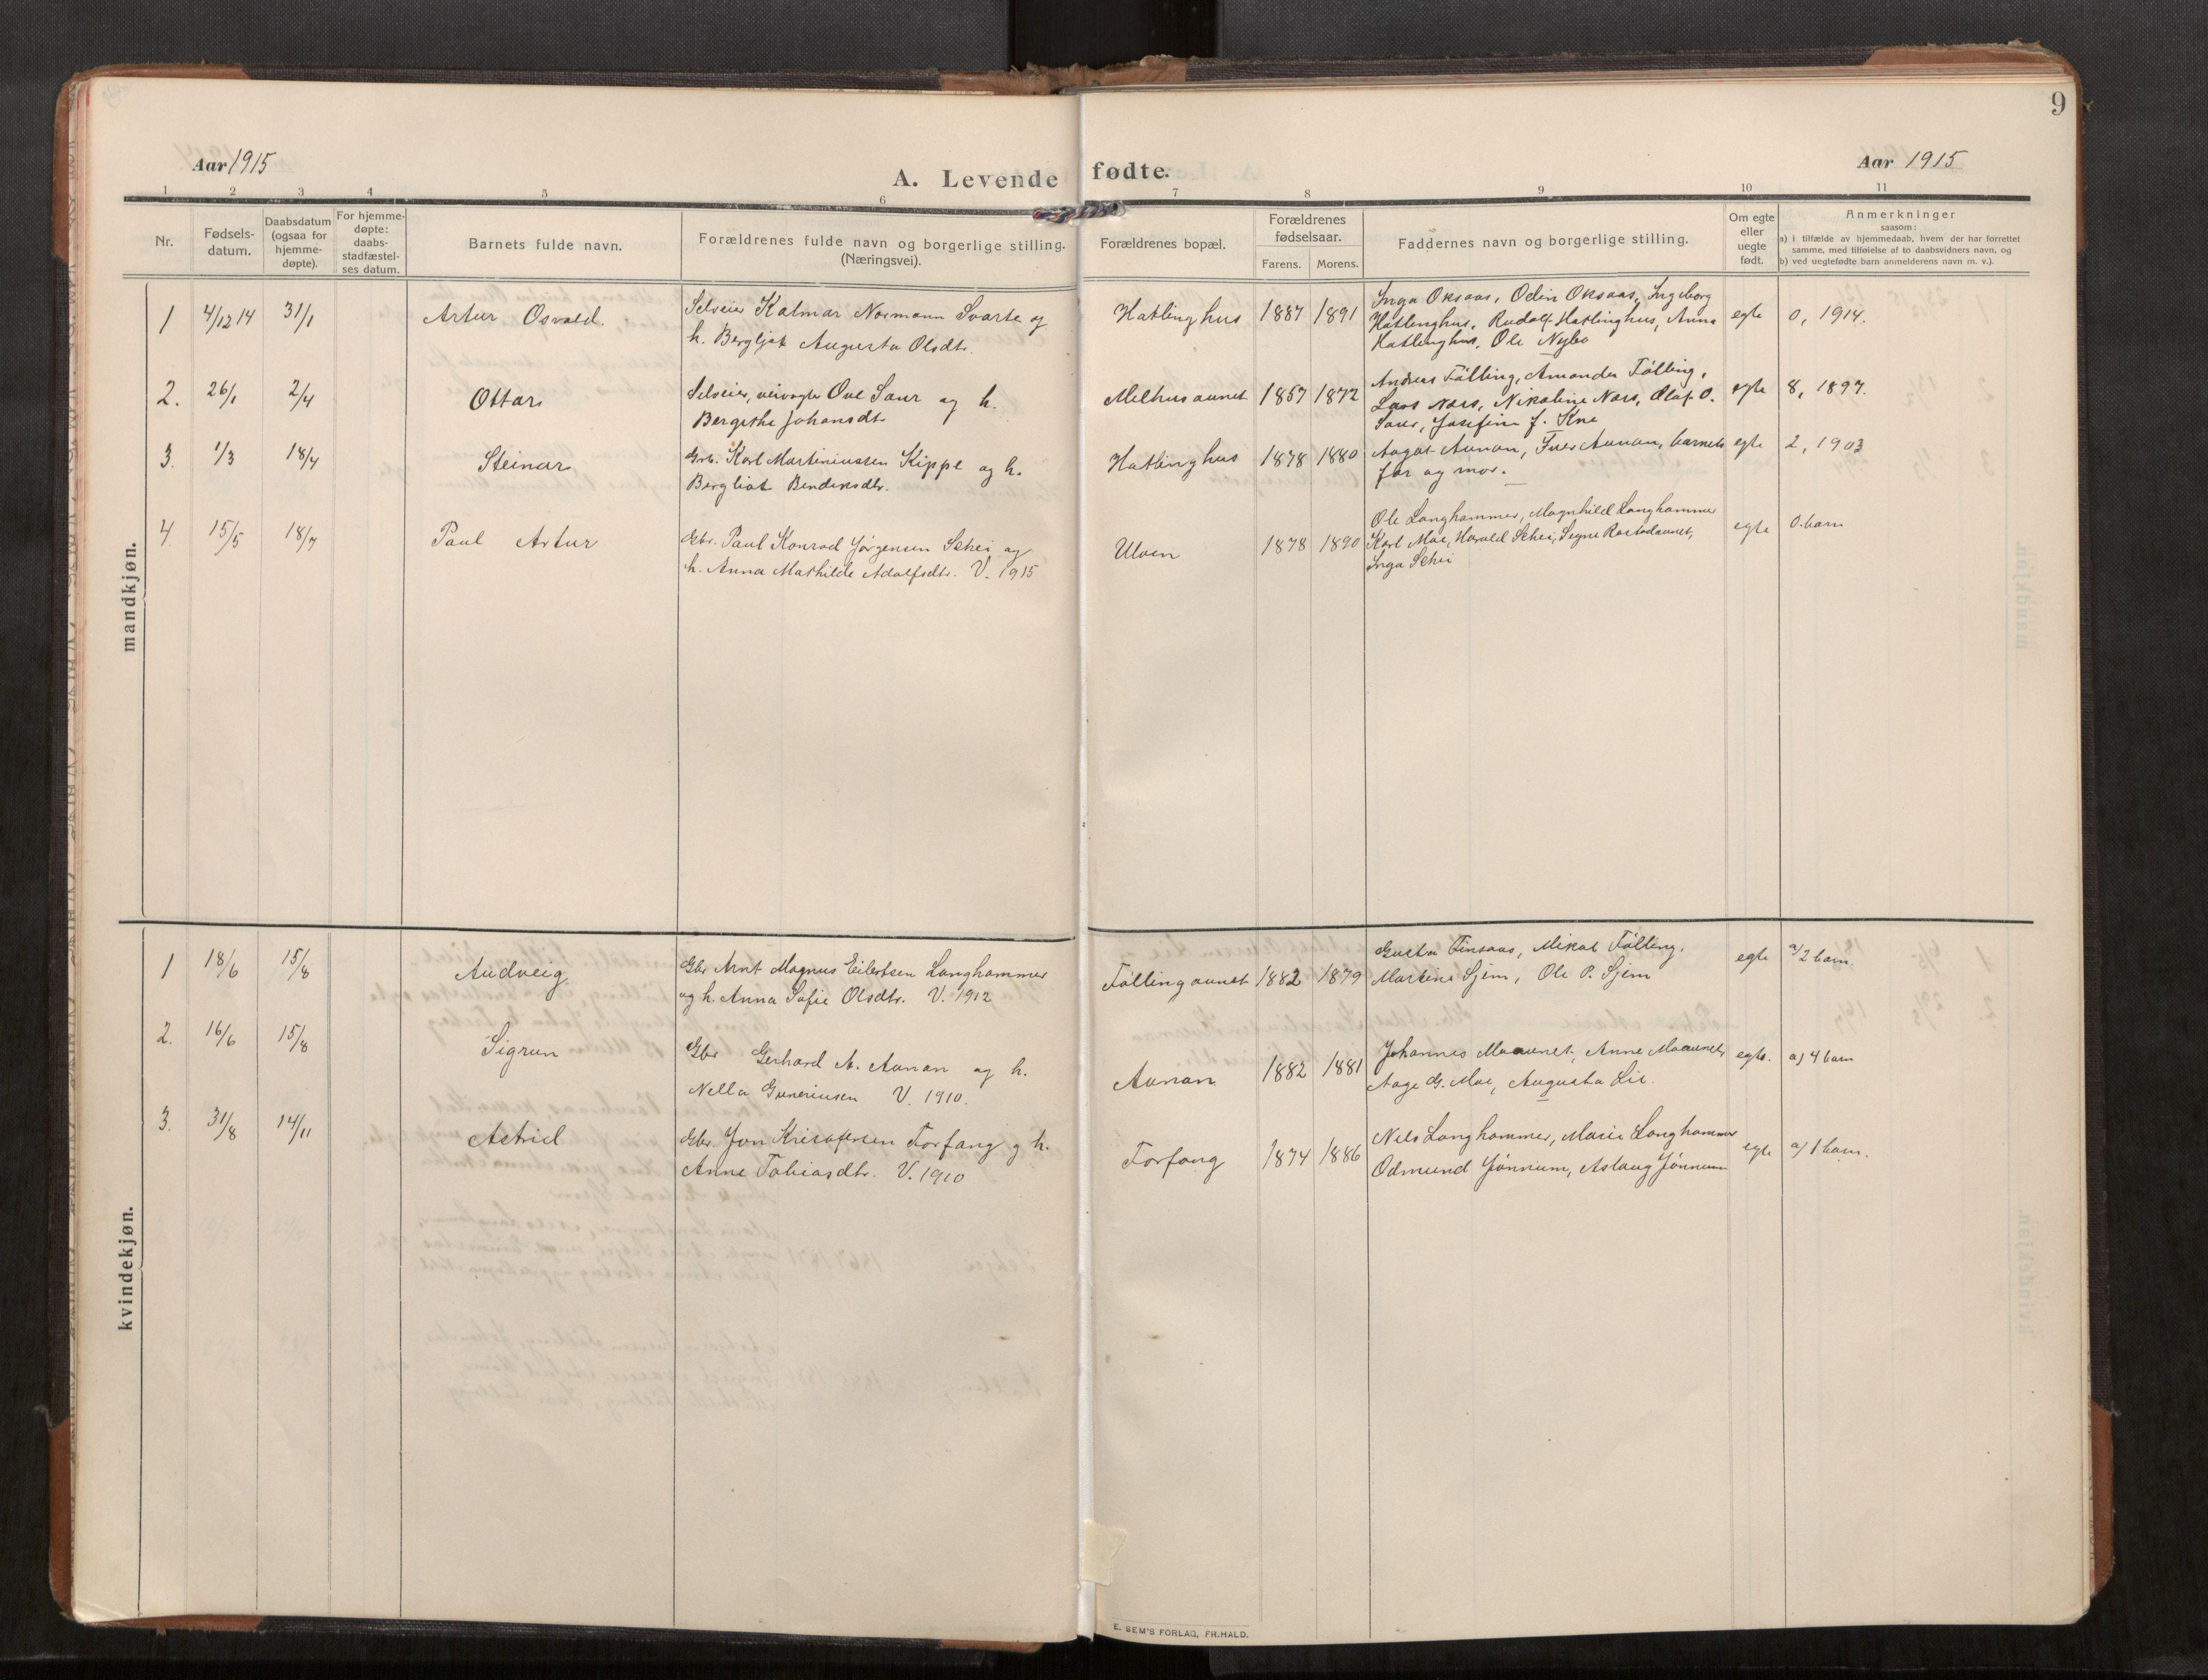 SAT, Stod sokneprestkontor, I/I1/I1a/L0003: Parish register (official) no. 3, 1909-1934, p. 9